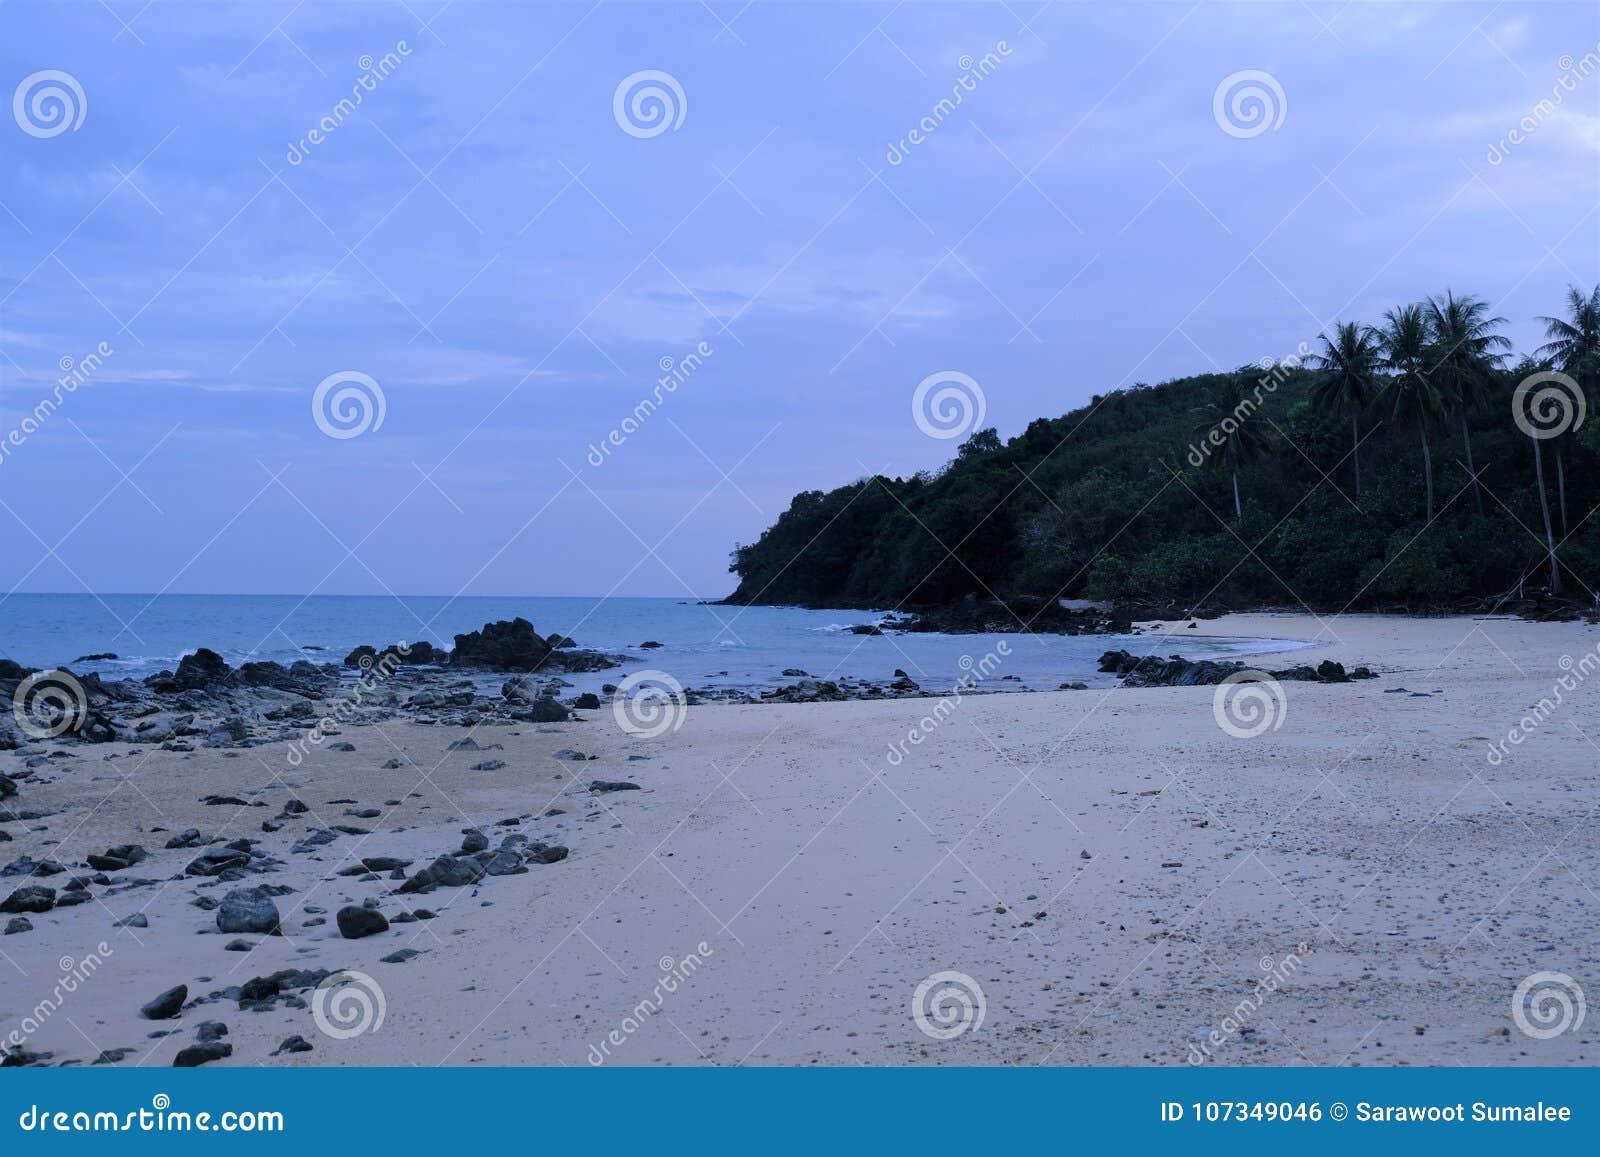 Är här stranden i Thailand